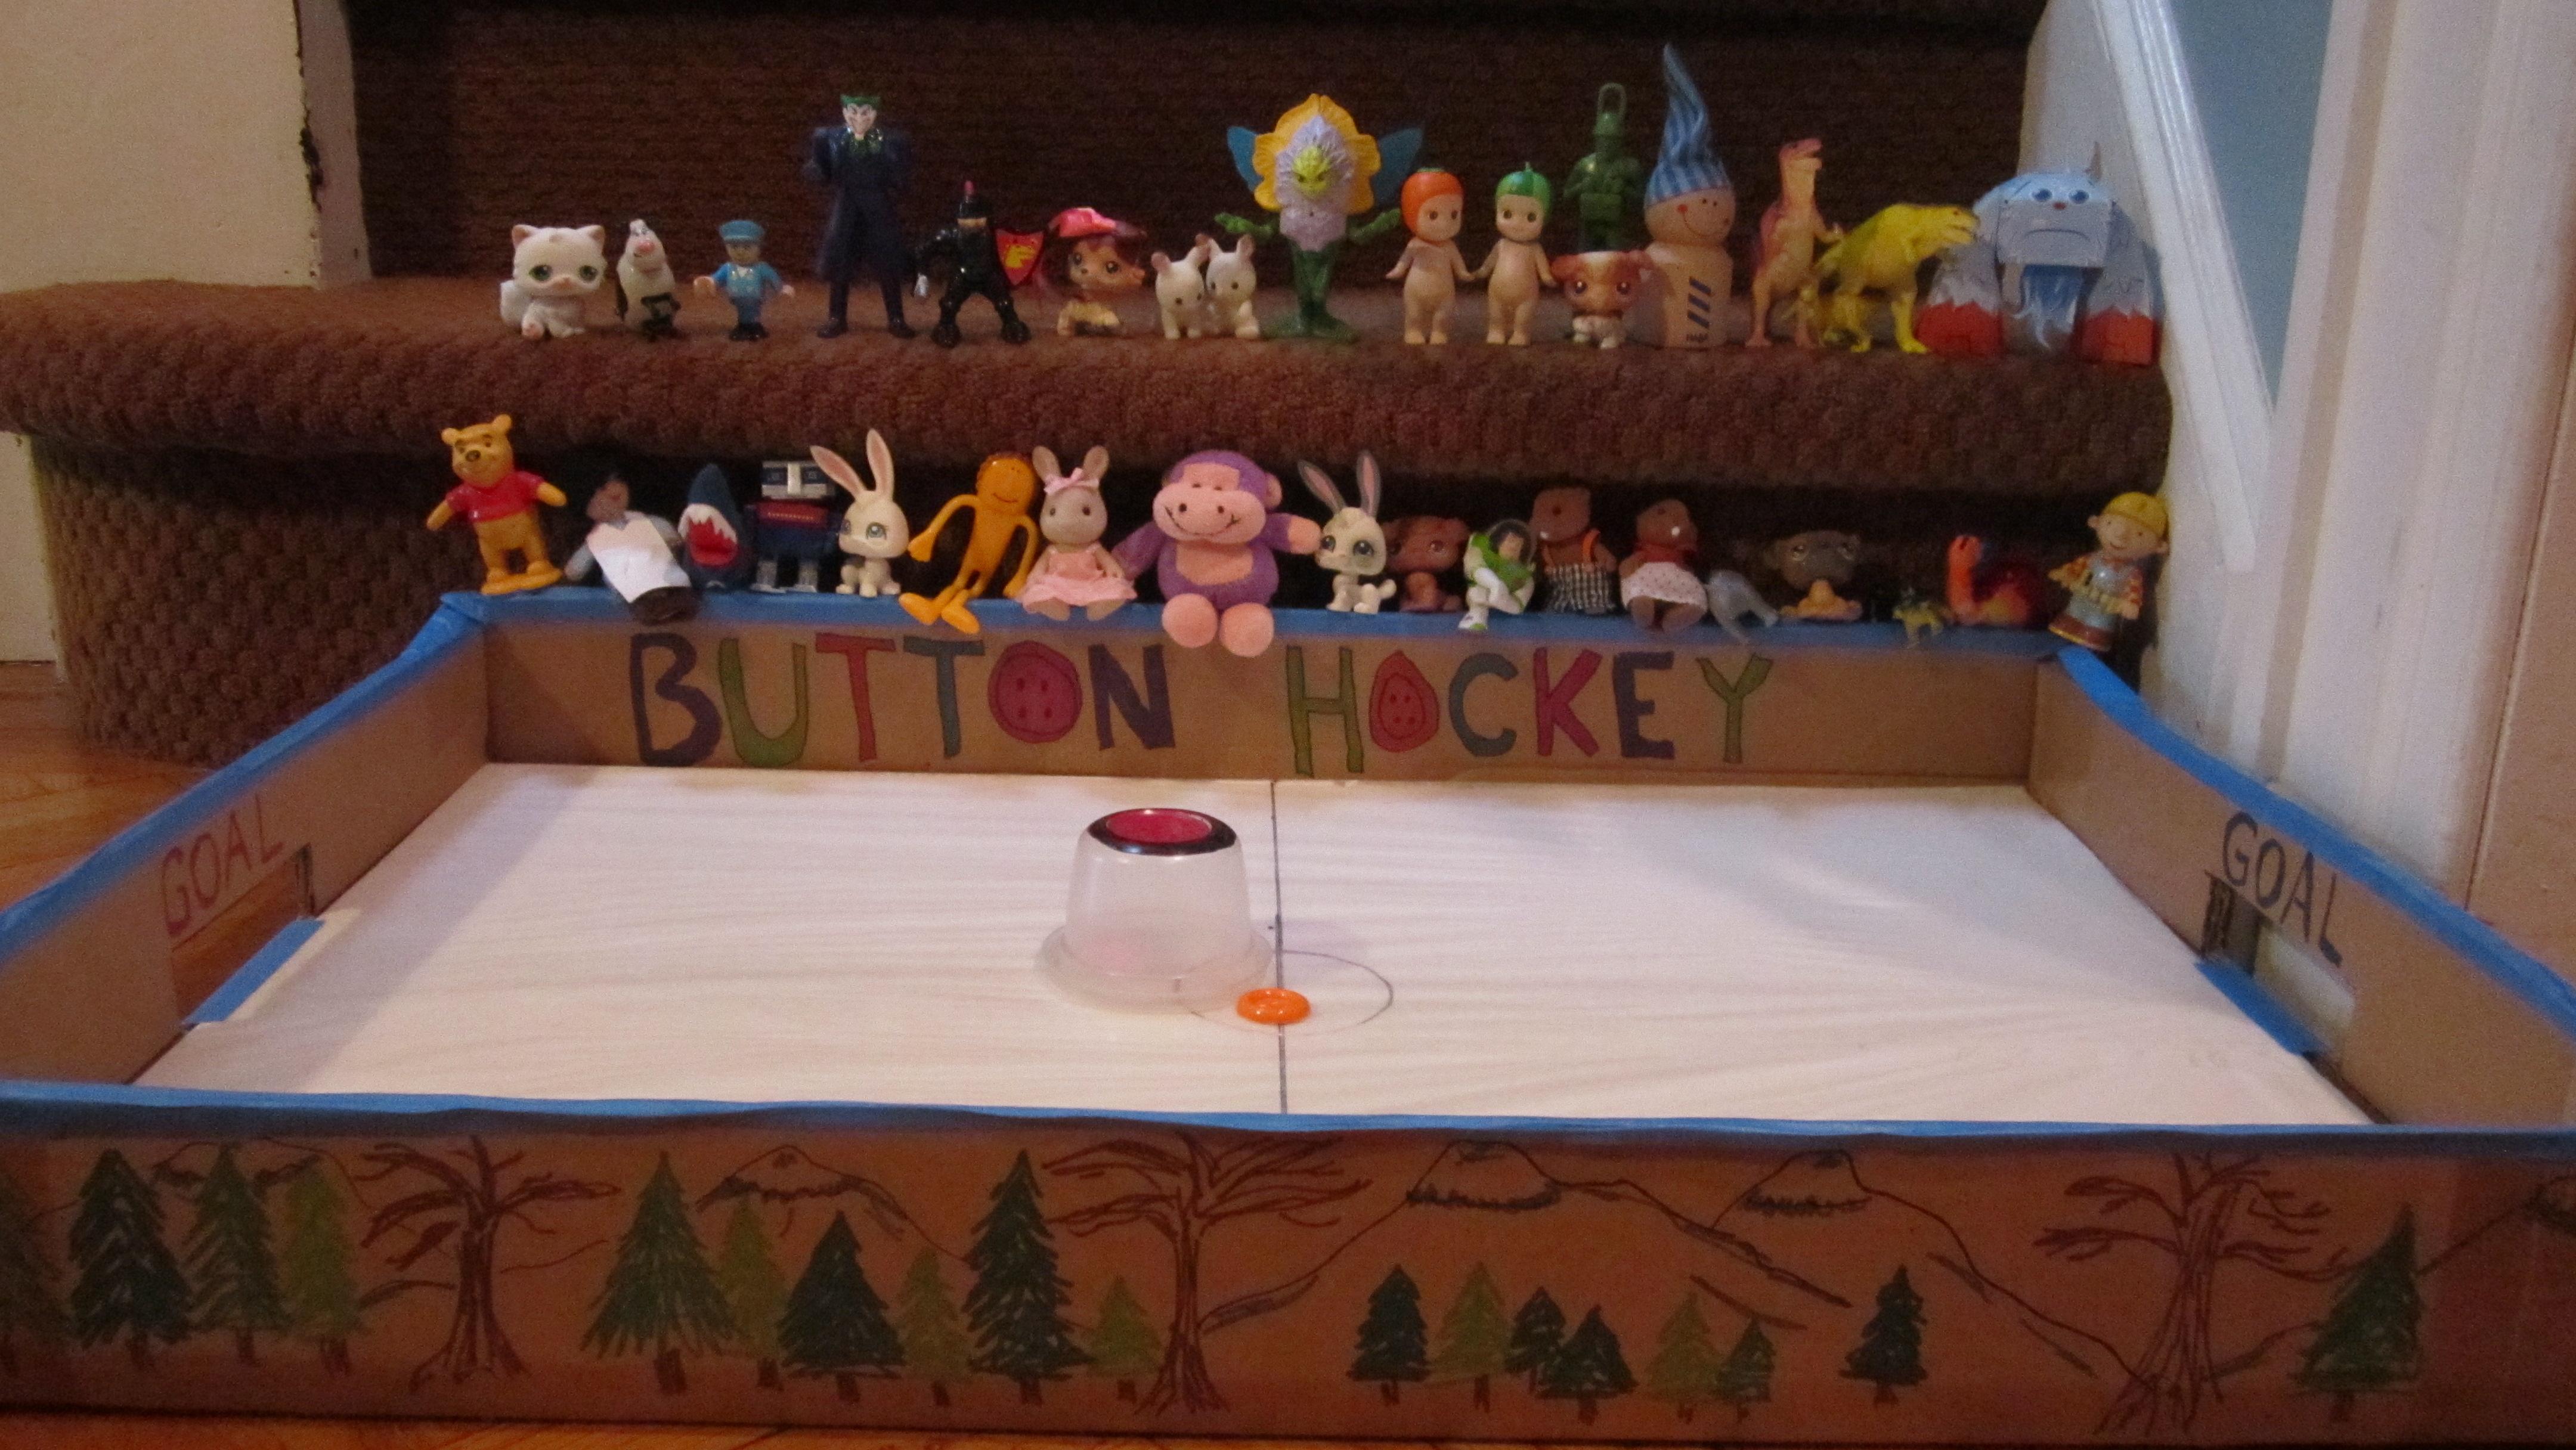 Button Hockey Game - Homemade Fun